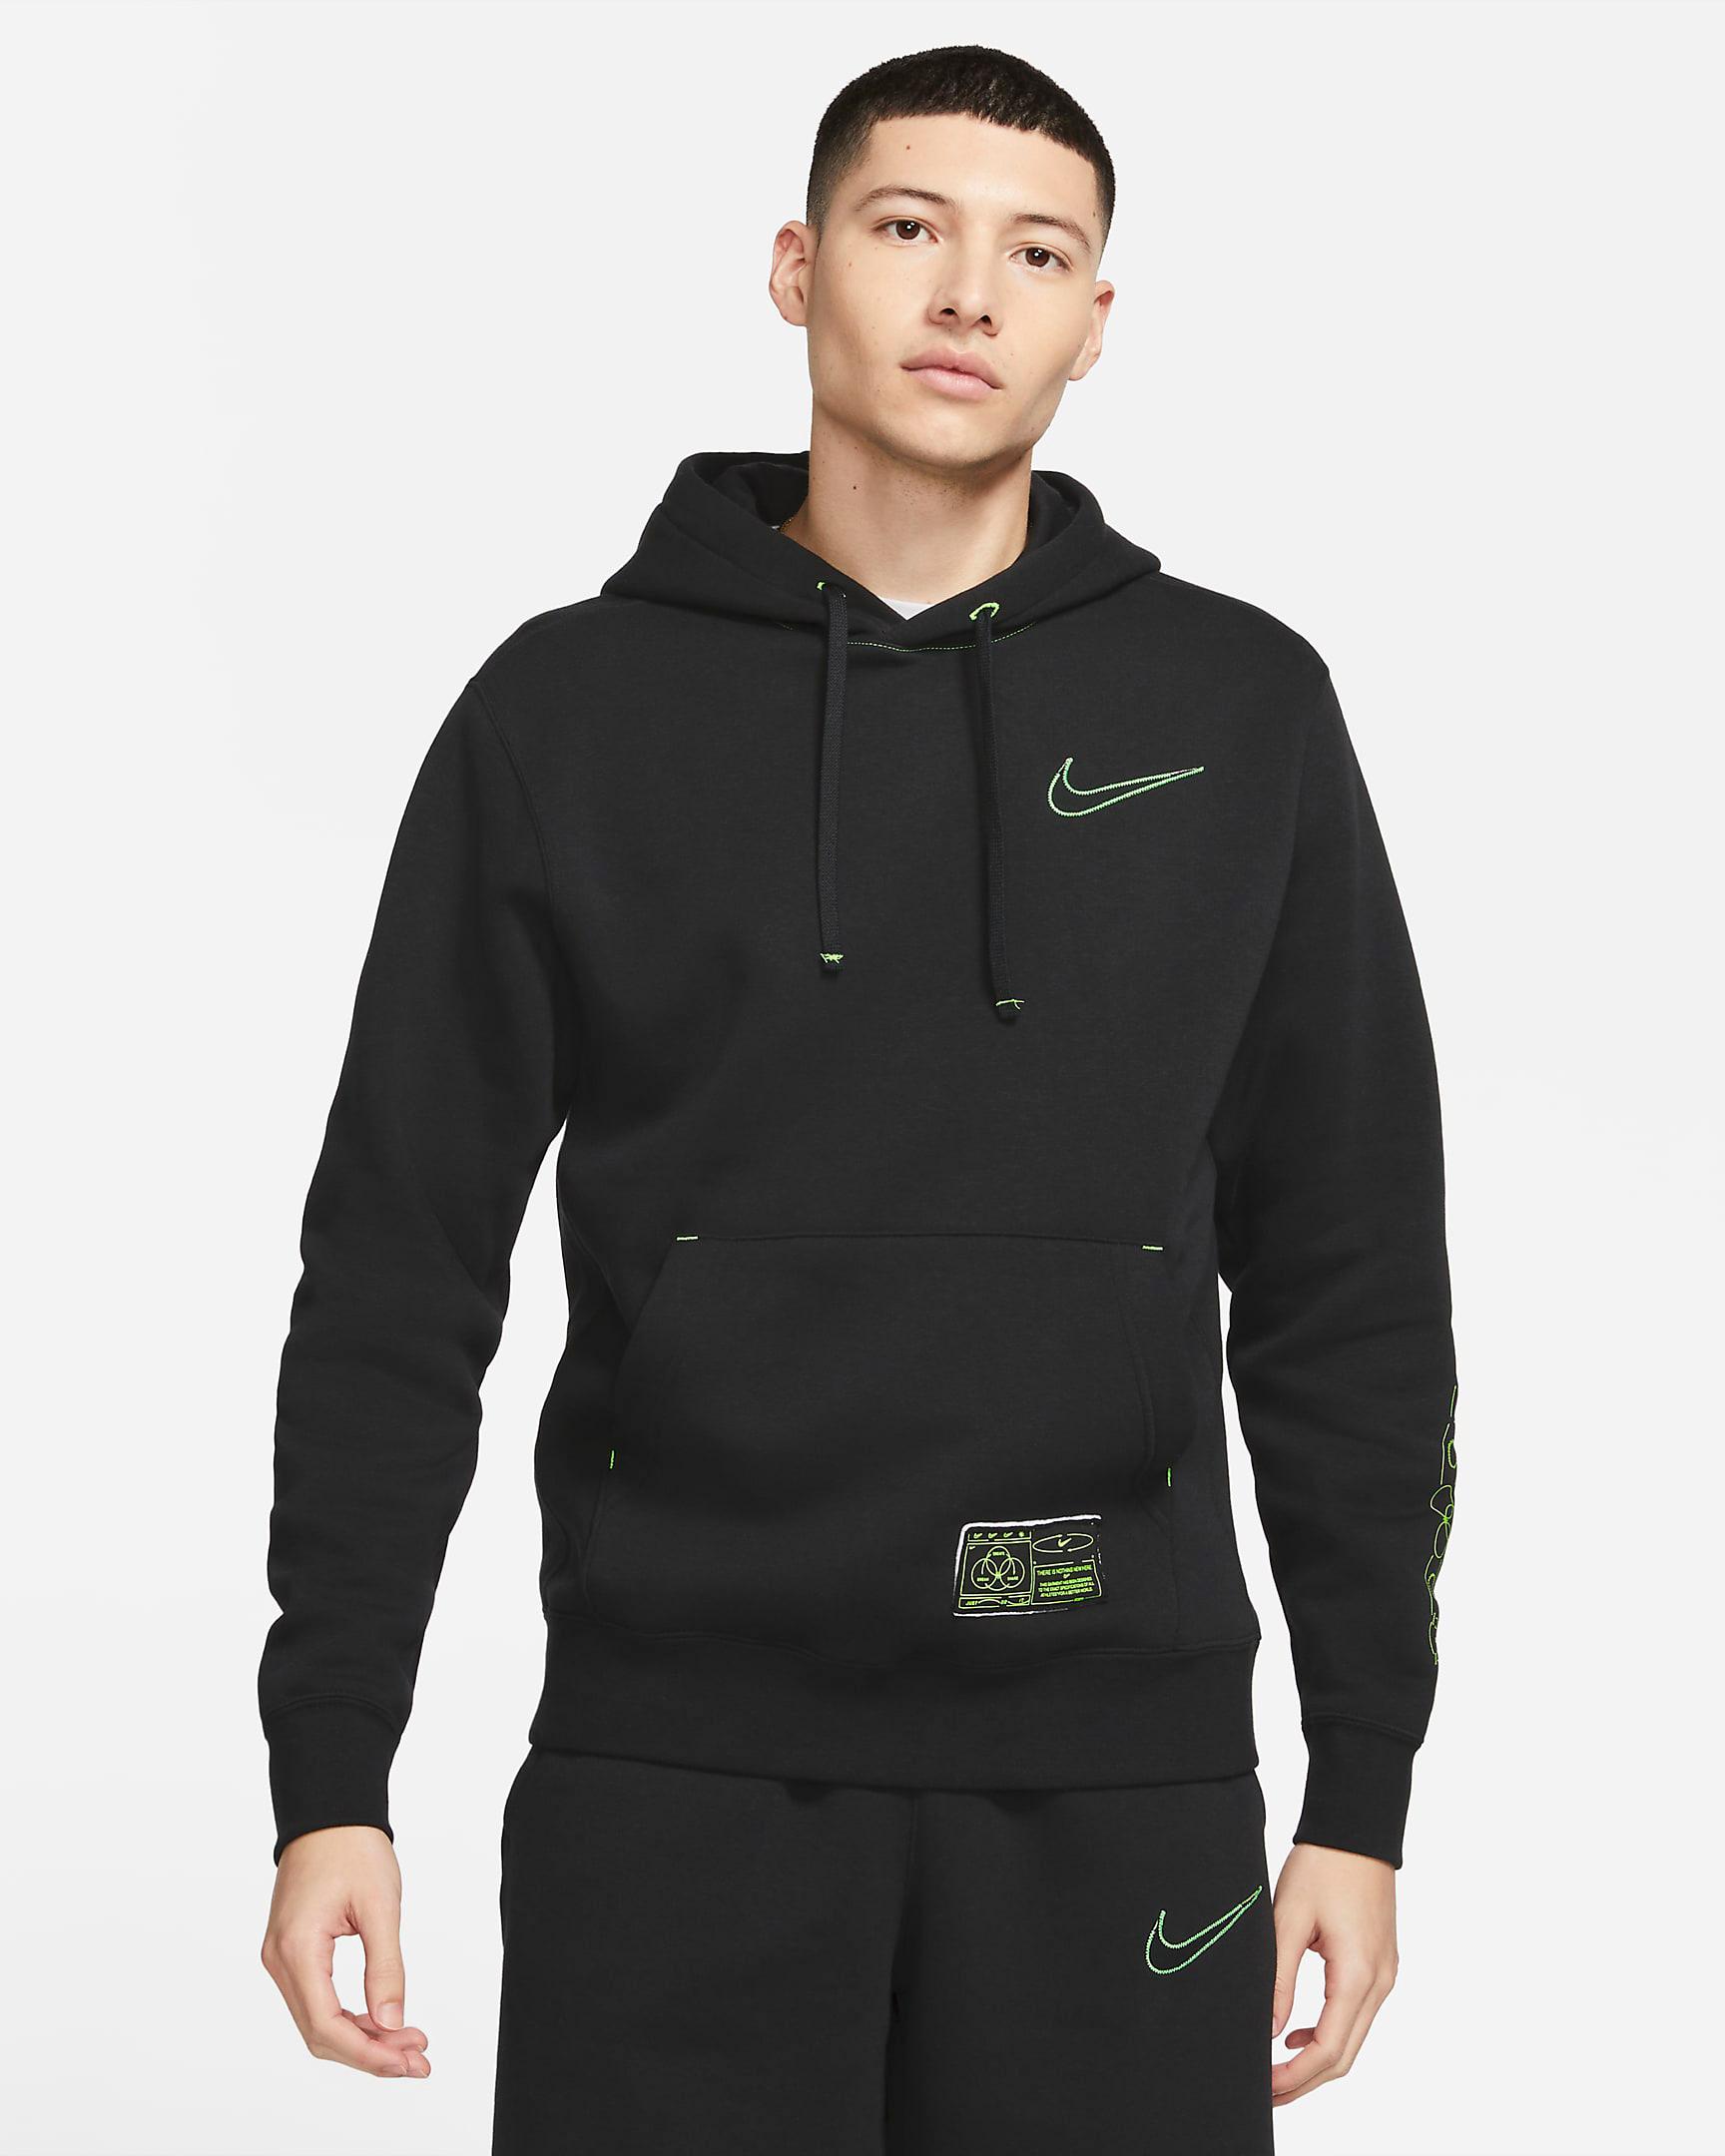 nike-club-fleece-hoodie-black-volt-1